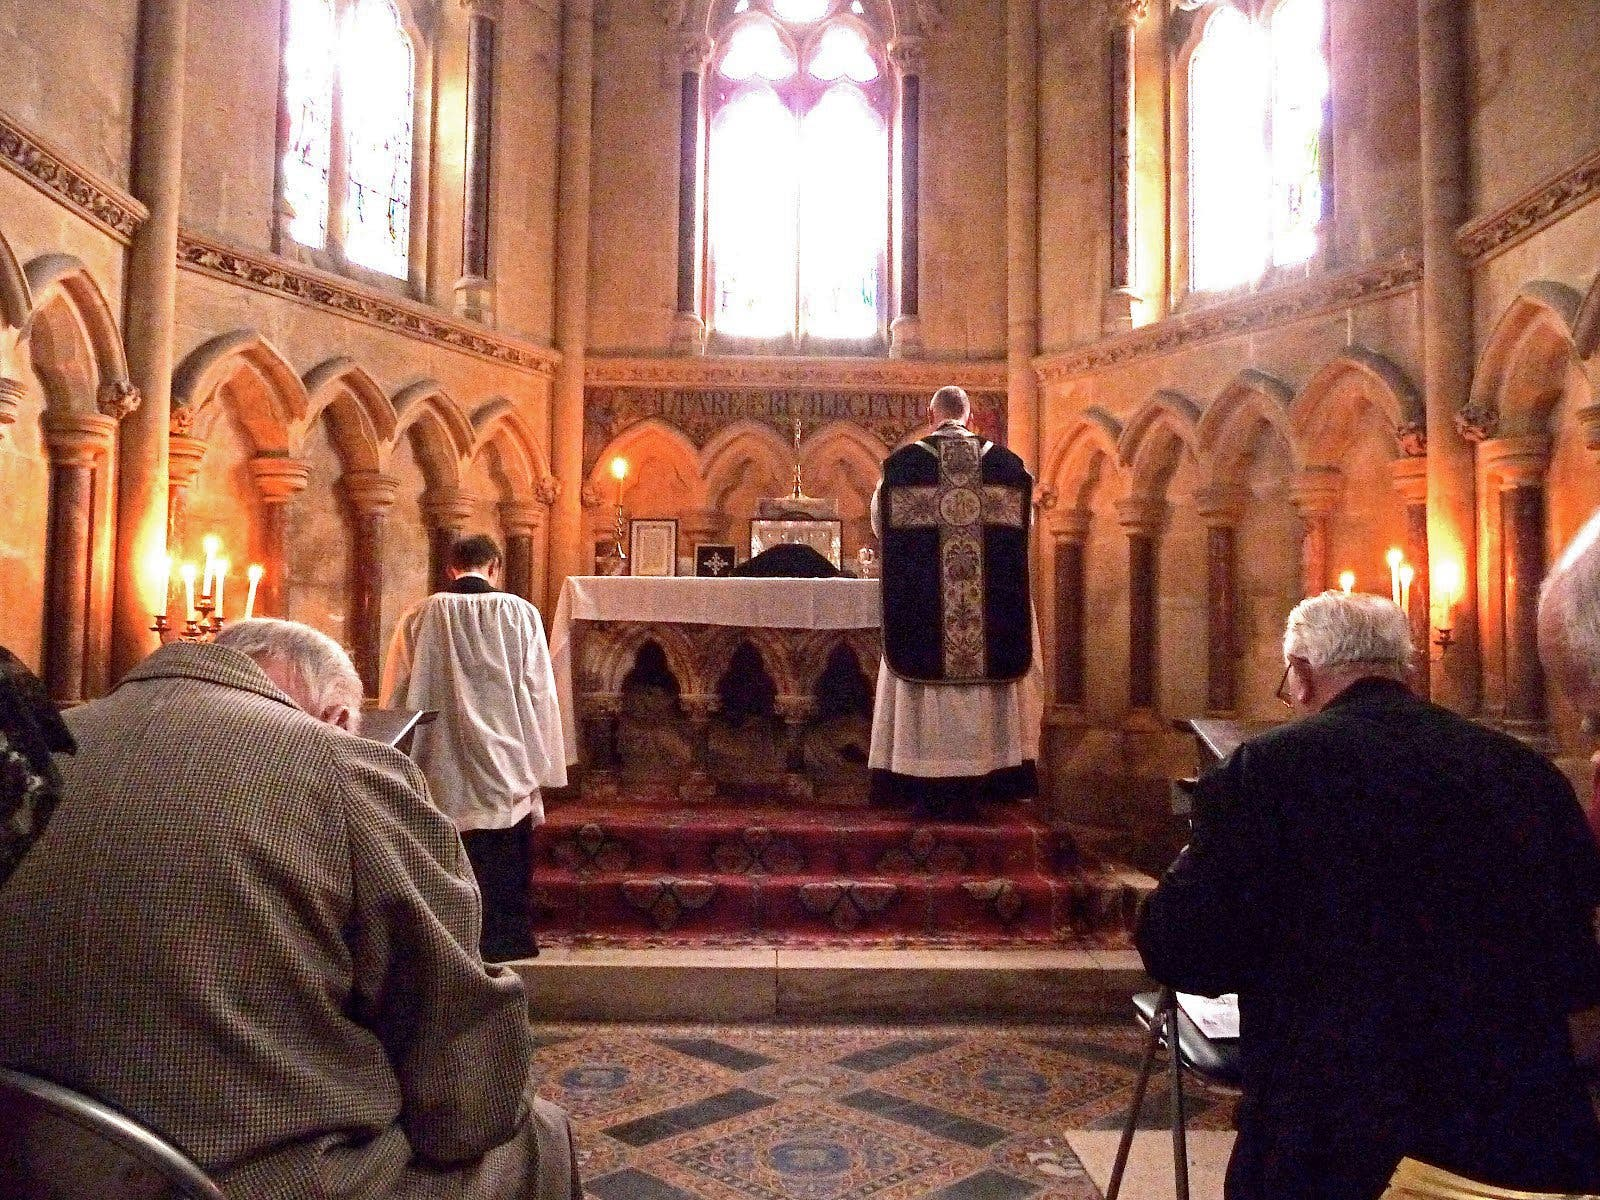 Le sopla dos tortas a un sacerdote en una parroquia de Getafe porque no le gustó el sermón